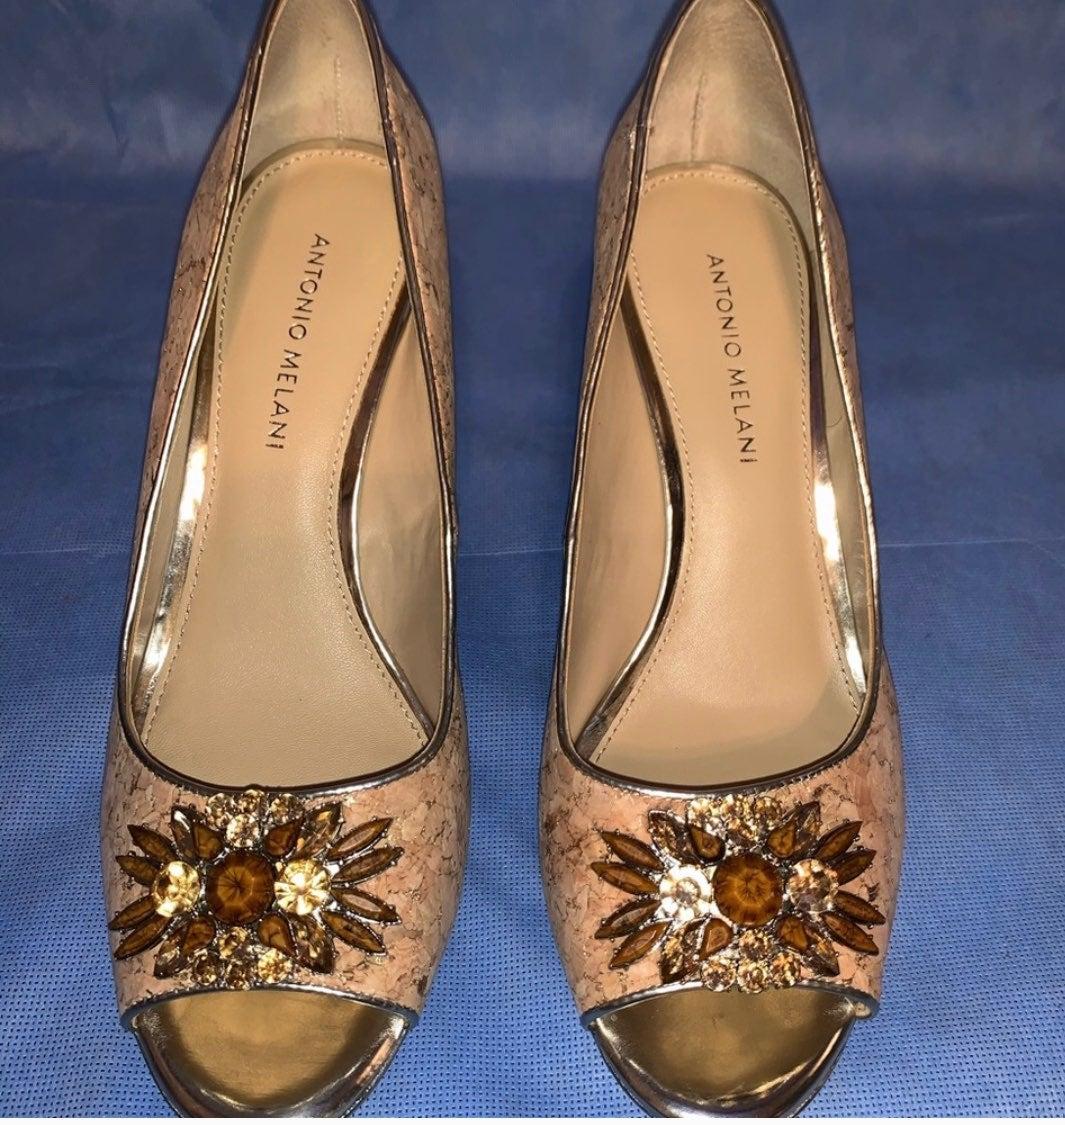 Besutiful Women's Heels